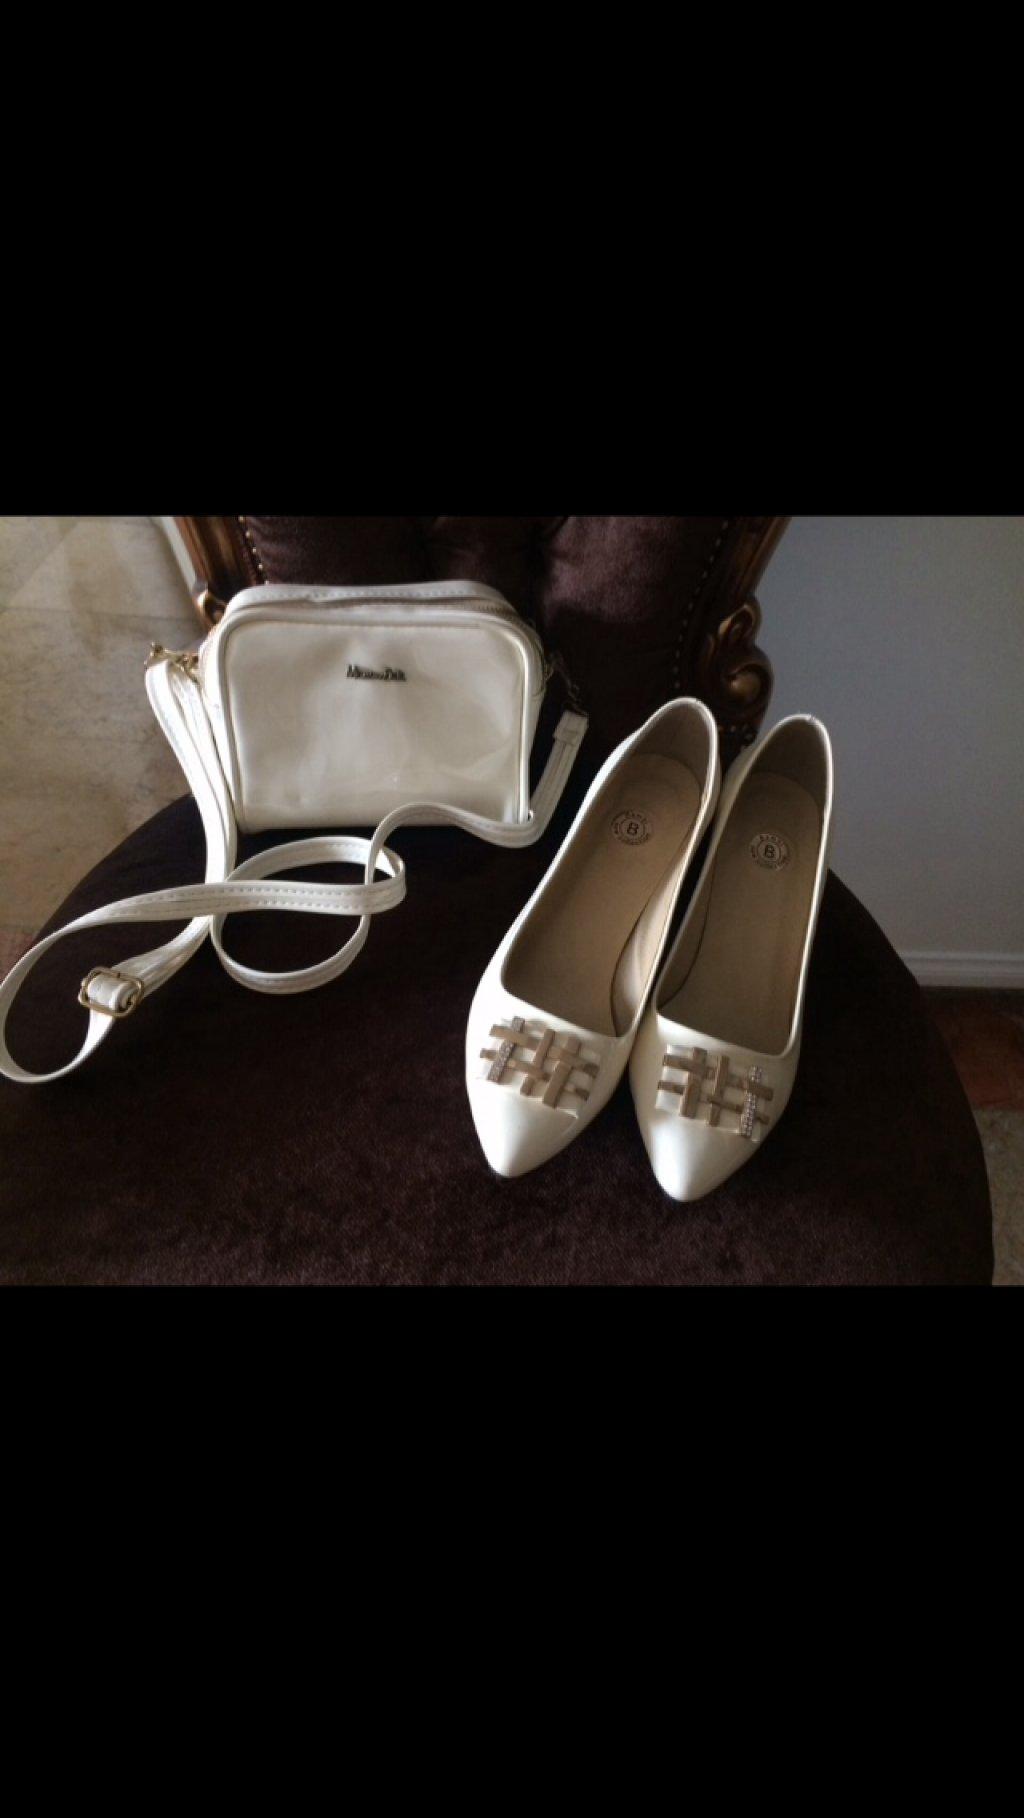 کیف و کفش ورنى سایز ٣٨